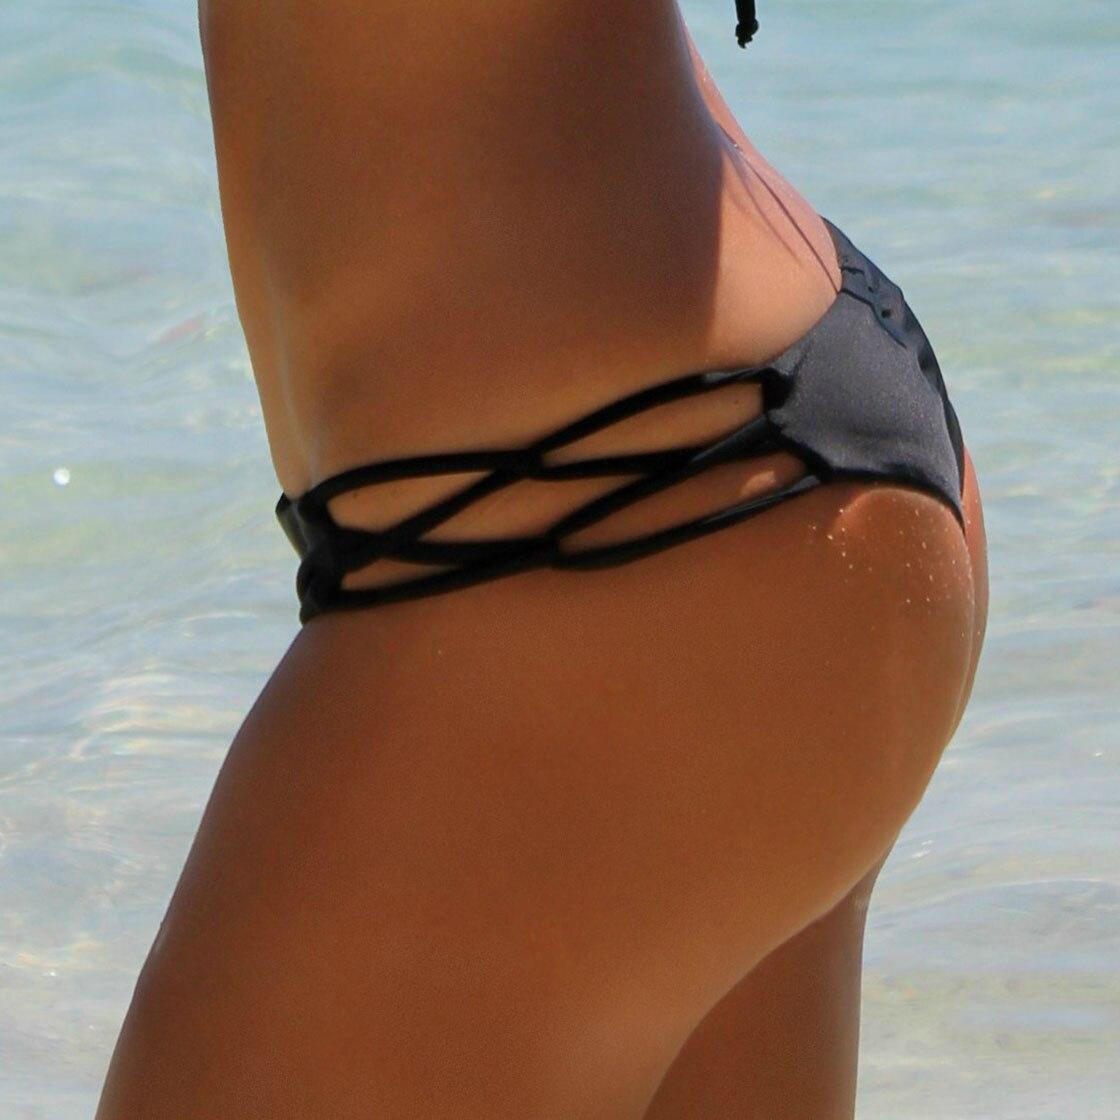 Женские плавки-бикини с низкой талией для девочек, купальник для плавания, черный бикини, бразильские плавки, сексуальный купальник, плавки-... 20